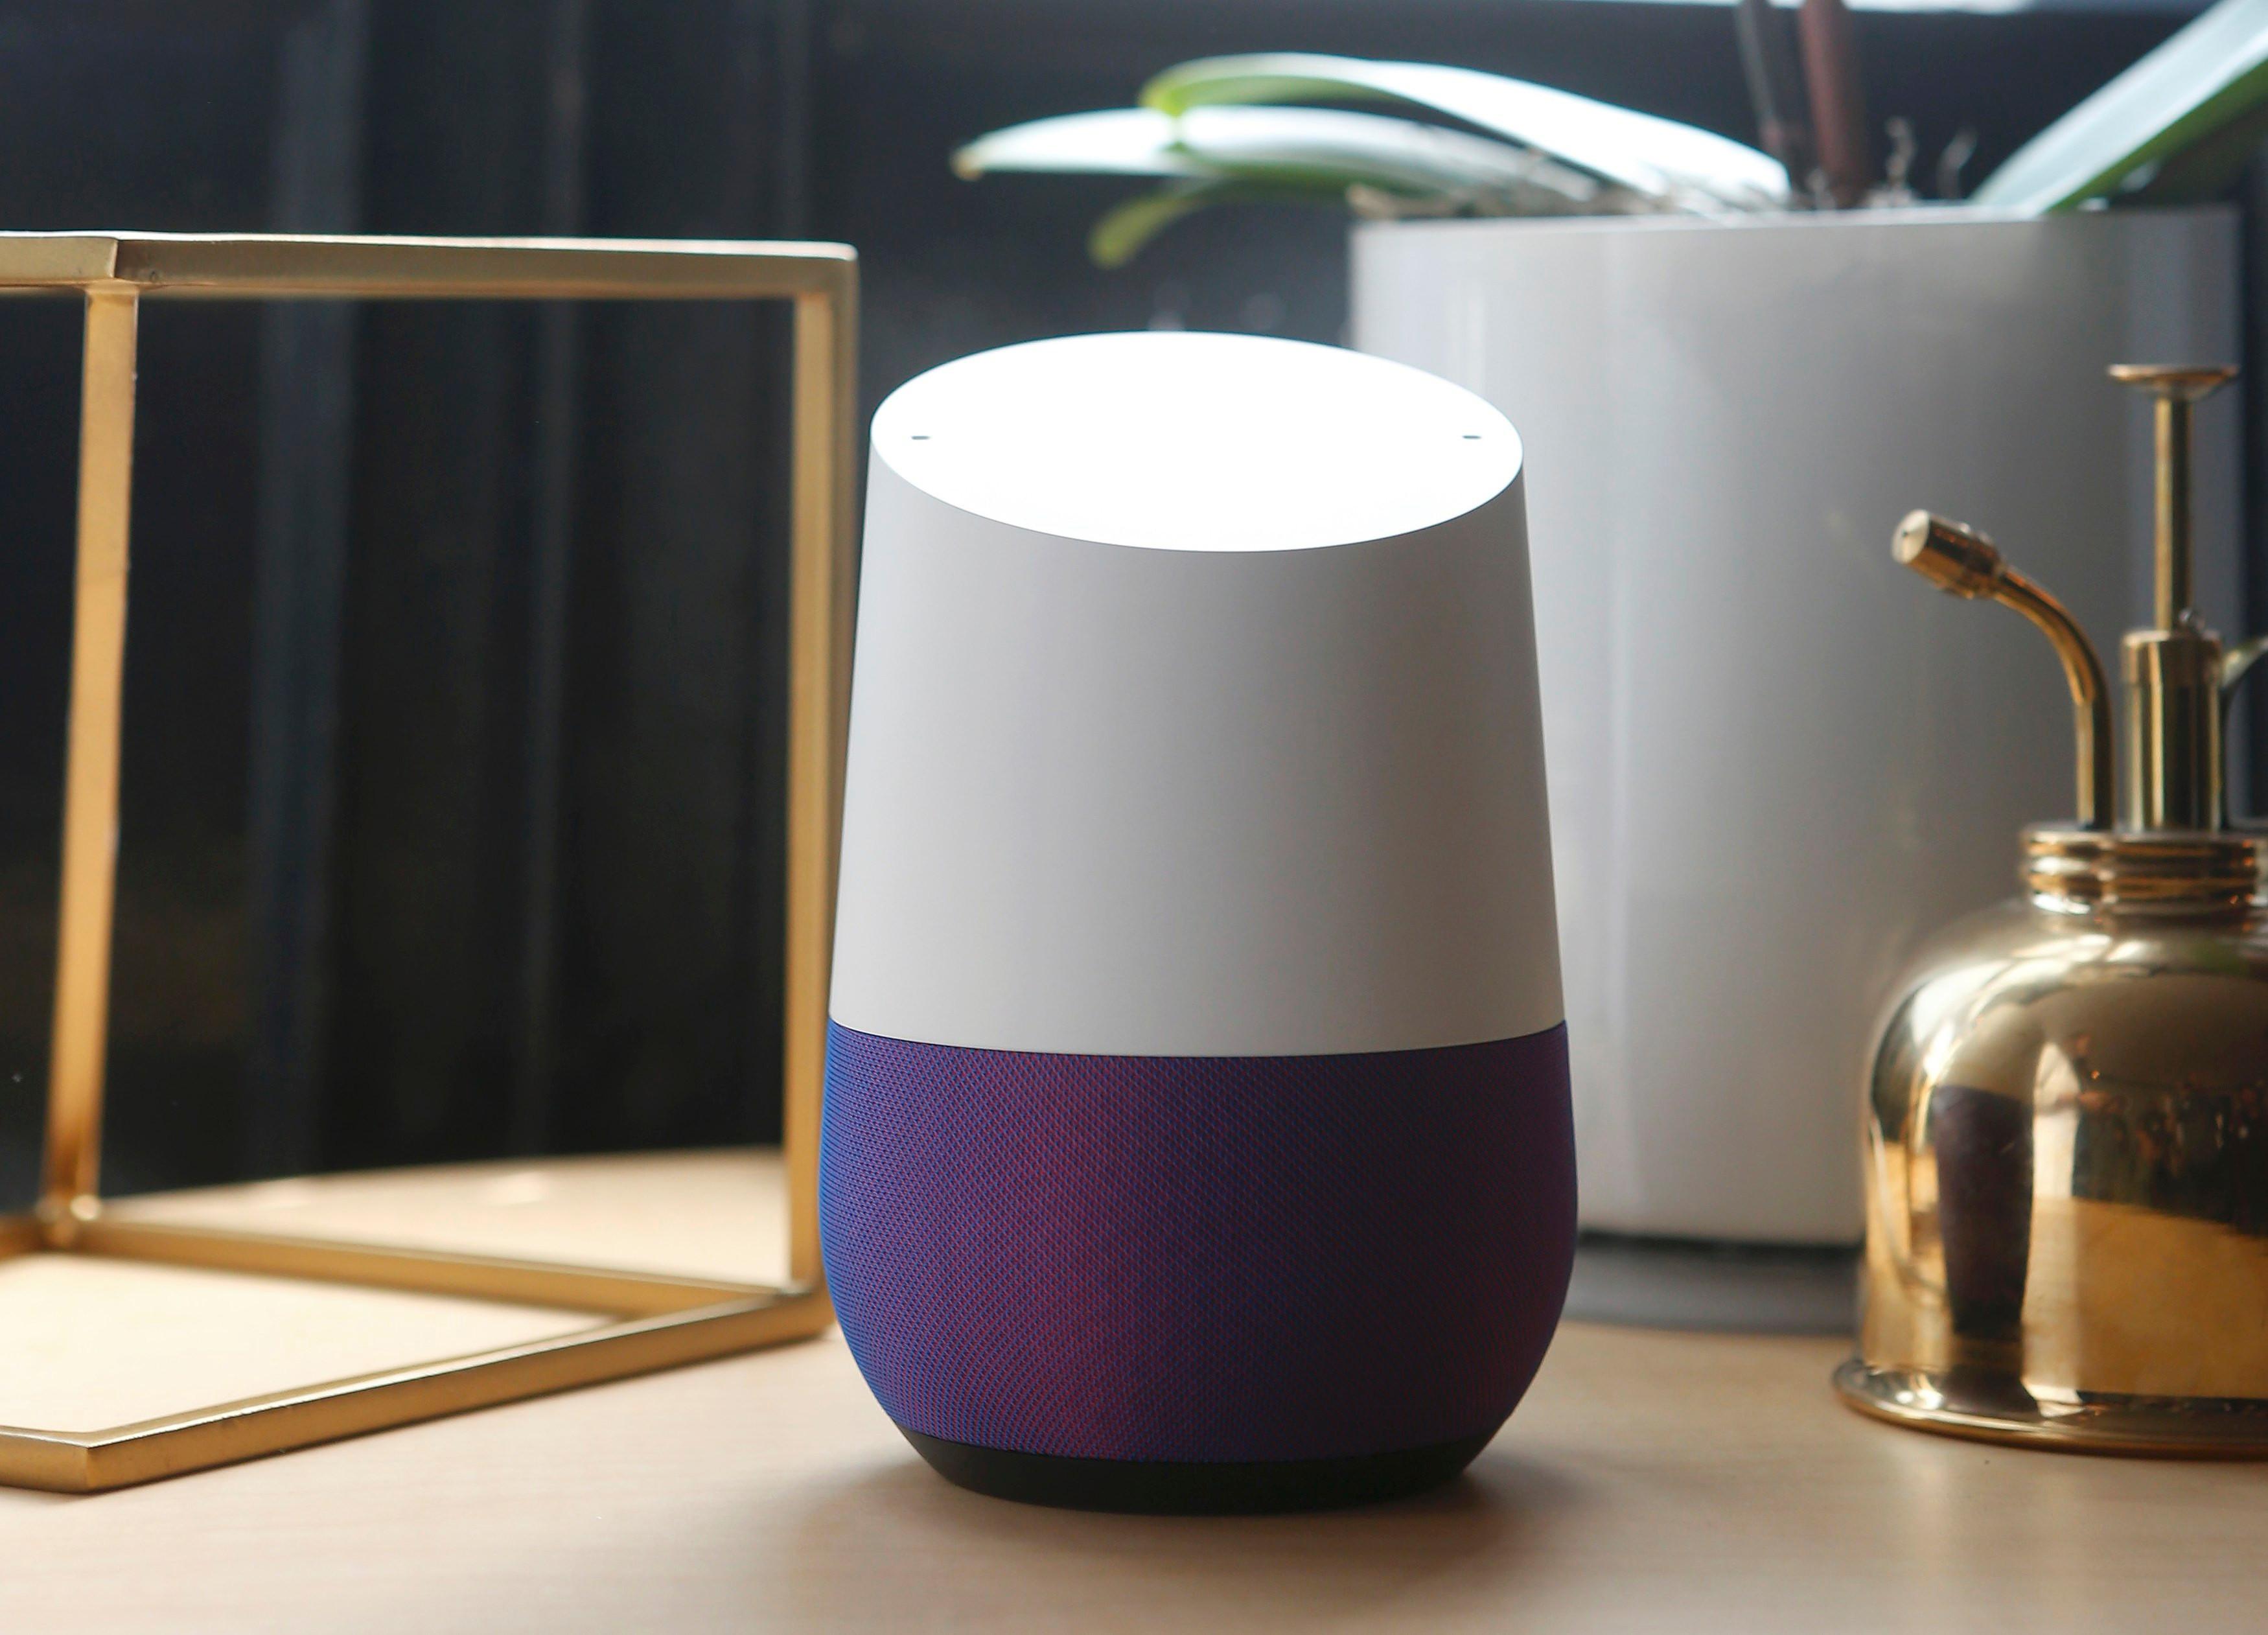 تُسمى هذه الأداة الذكية ذات المظهر البريء صفحة Google الرئيسية وتستمع دائمًا إلى طلبات مالكها